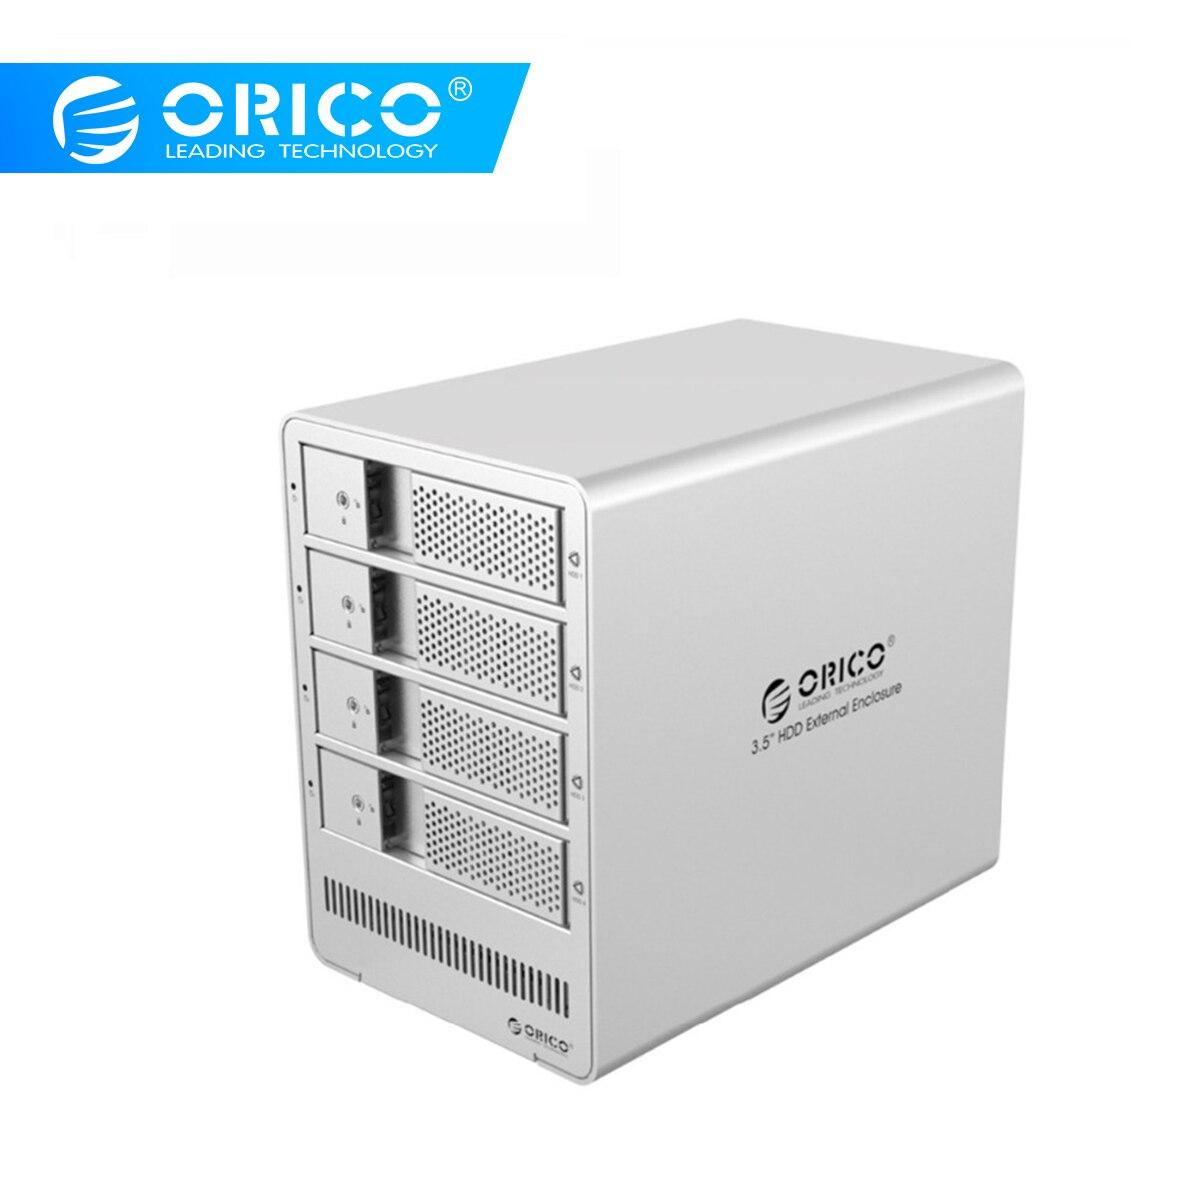 ORICO инструмент бесплатно 4 отсека 3,5 SATA Привод корпус HDD чехол алюминиевая док-станция 5 Гбит/с для ноутбука ПК